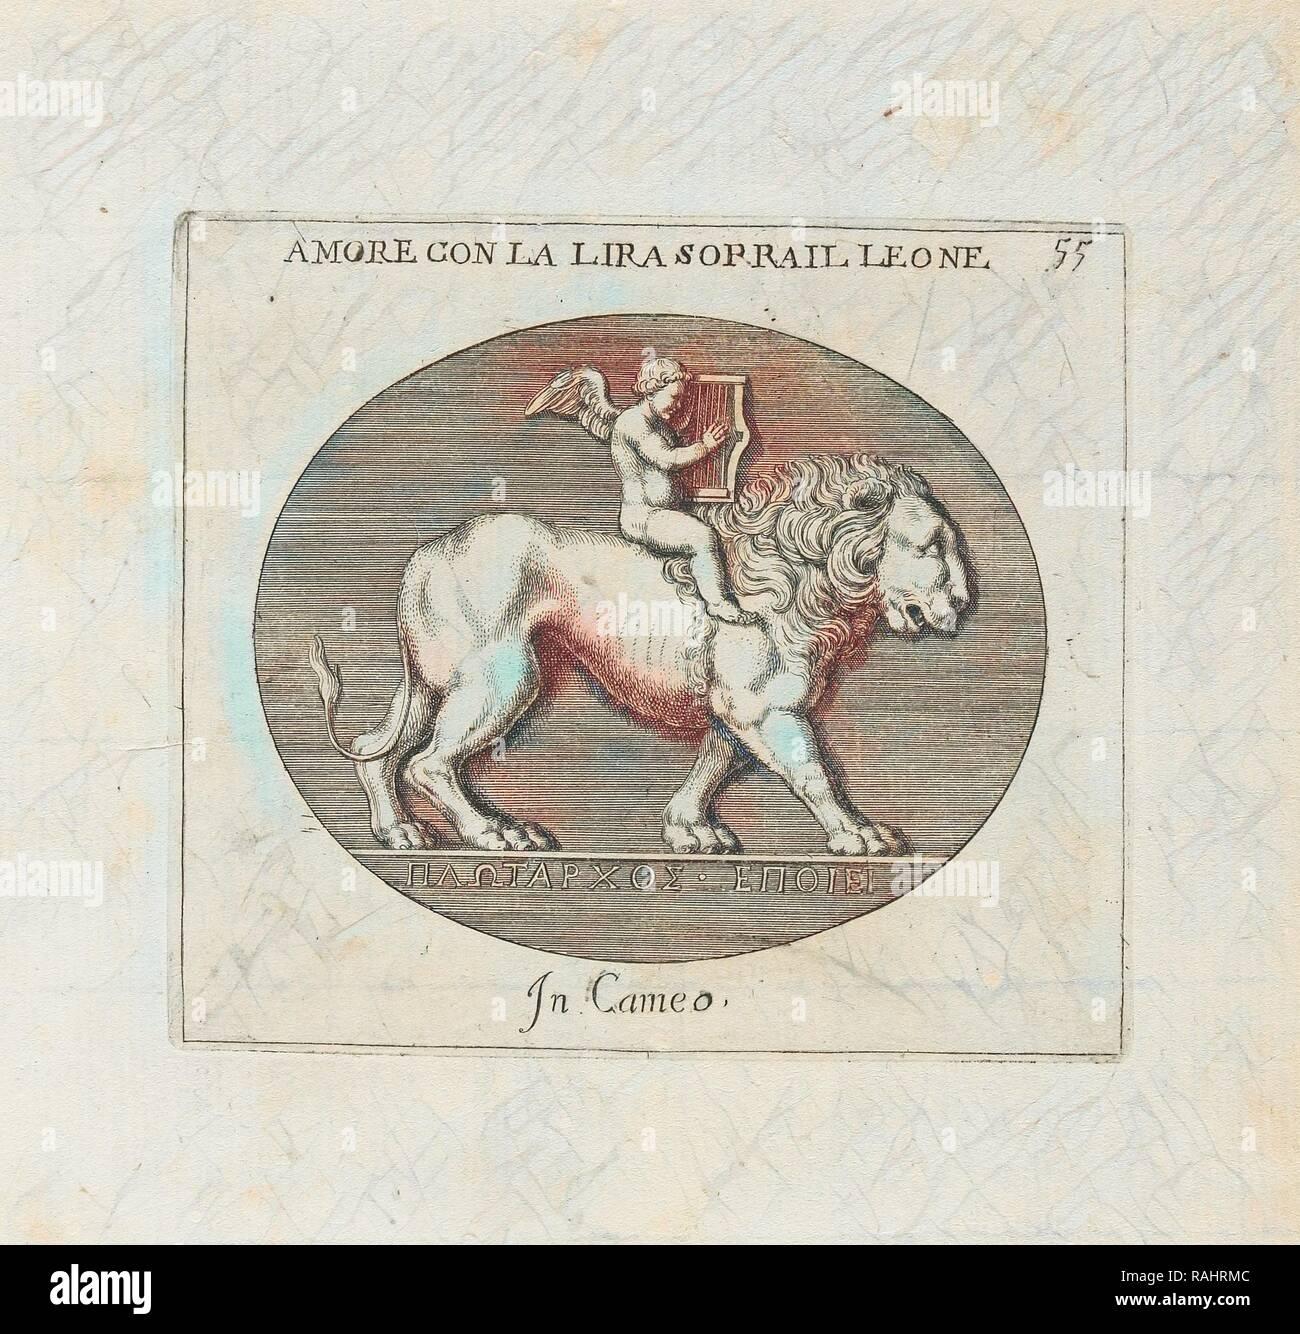 Amore Con La Lira Sorrail Leone: In Cameo, Le gemme antiche figurate, Agostini, Leonardo, 1593-ca. 1670, Bellori reimagined - Stock Image